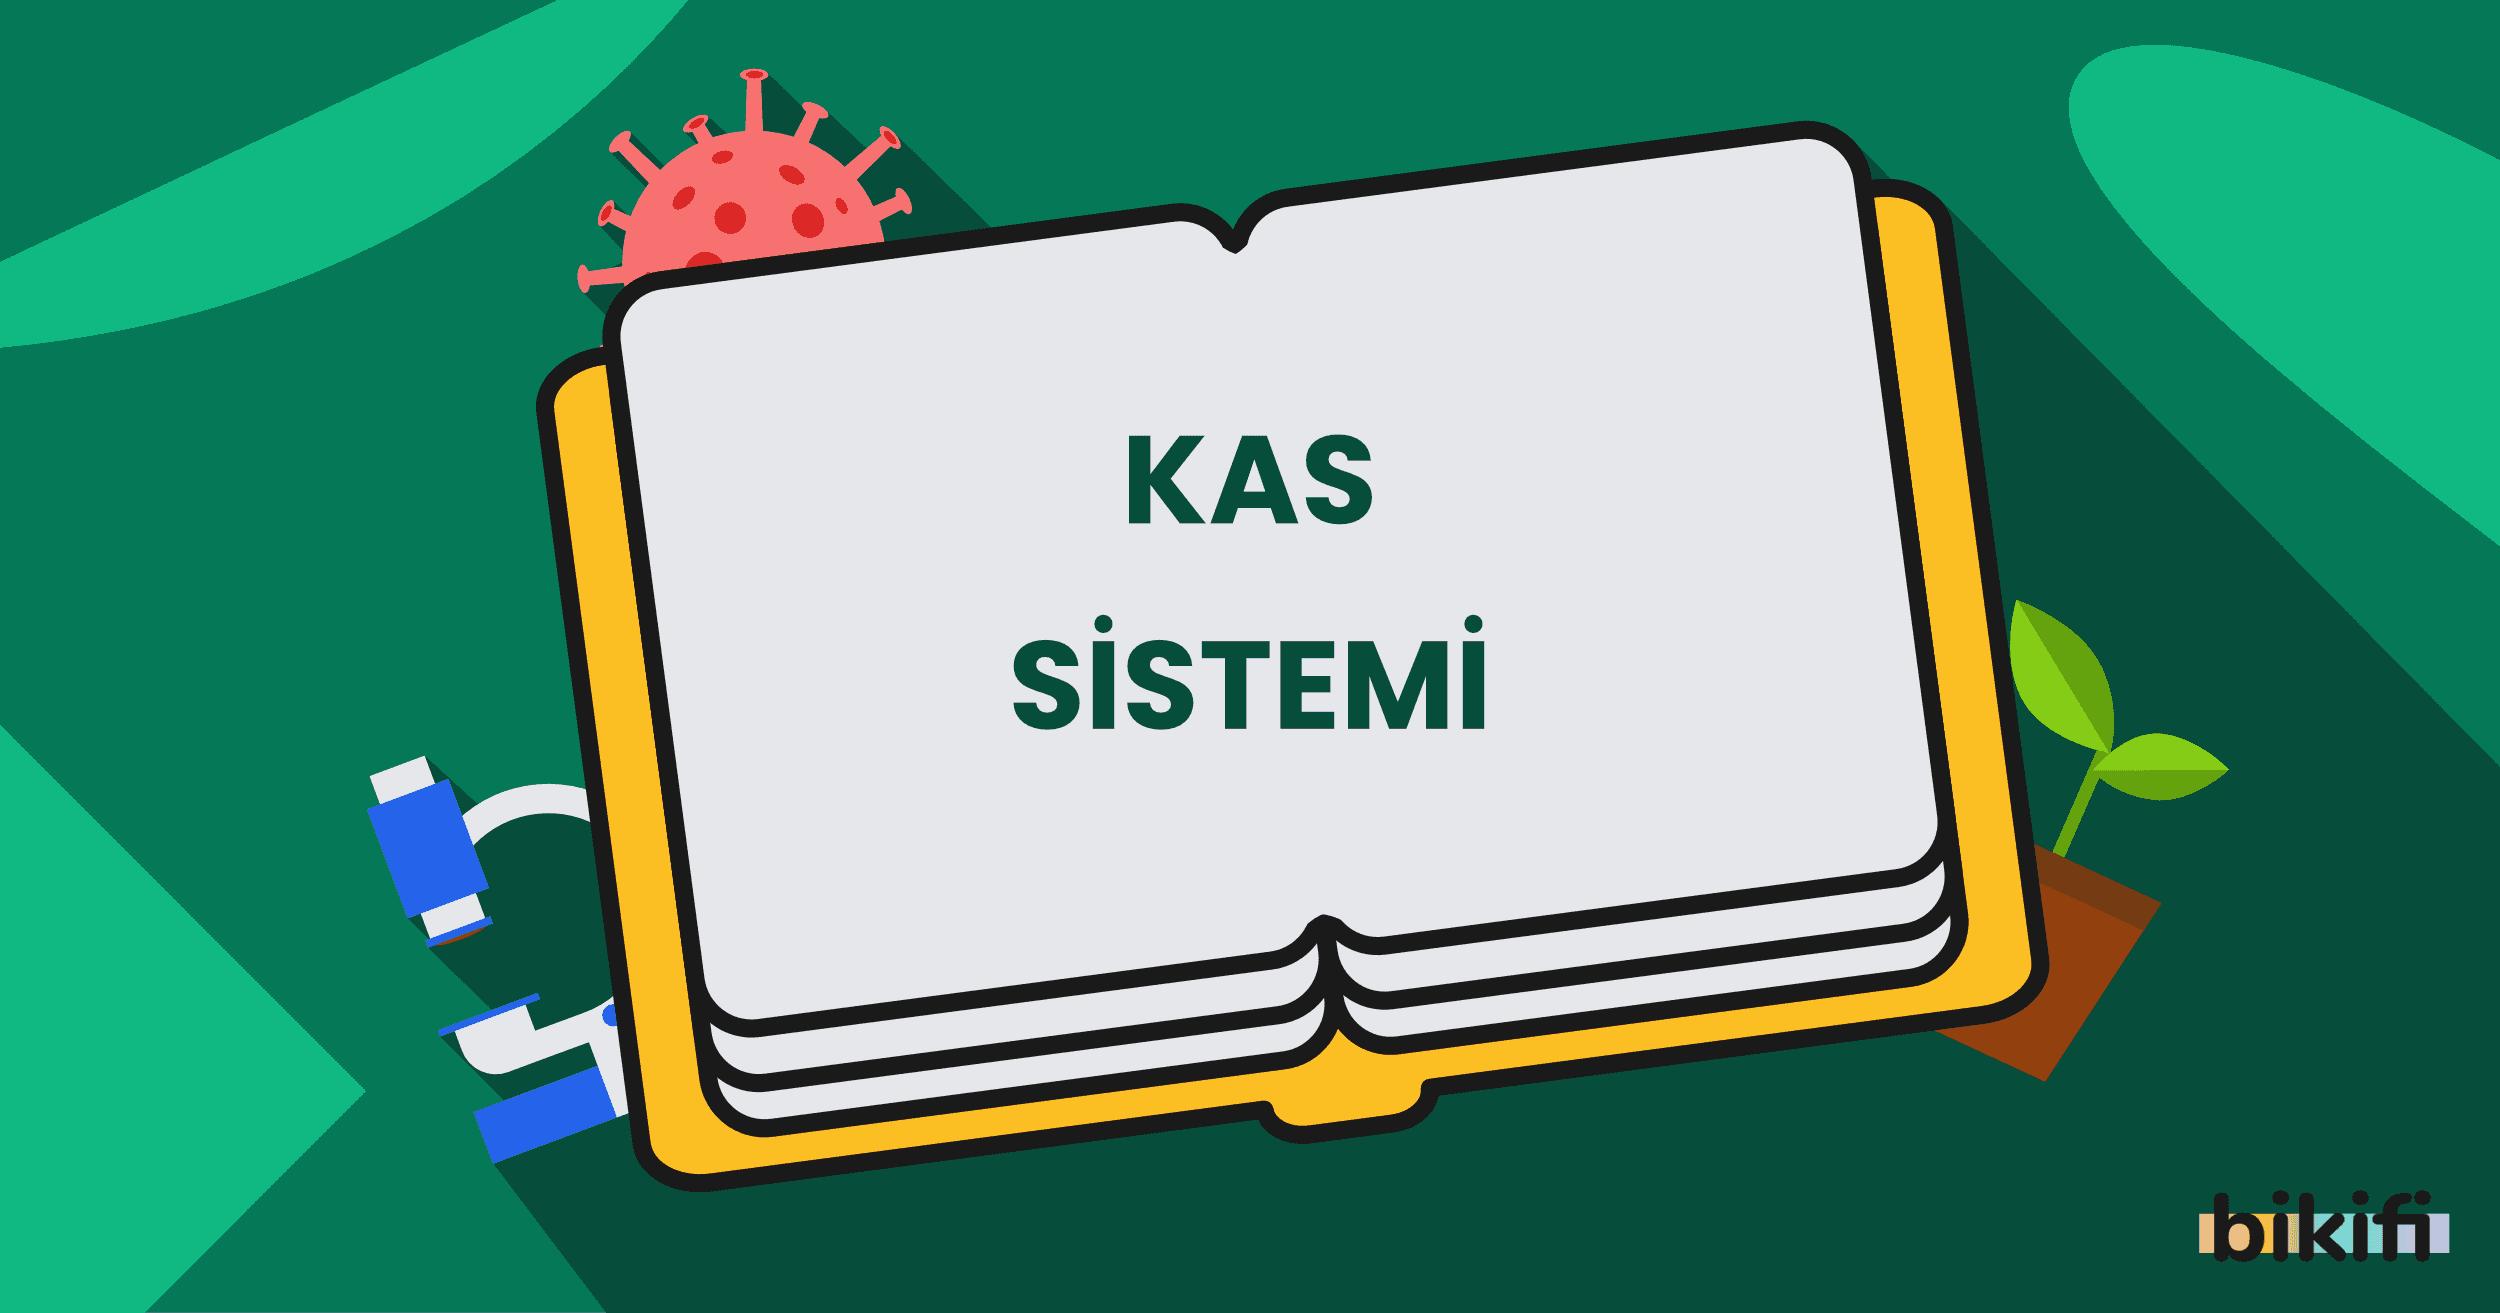 Kas Sistemi